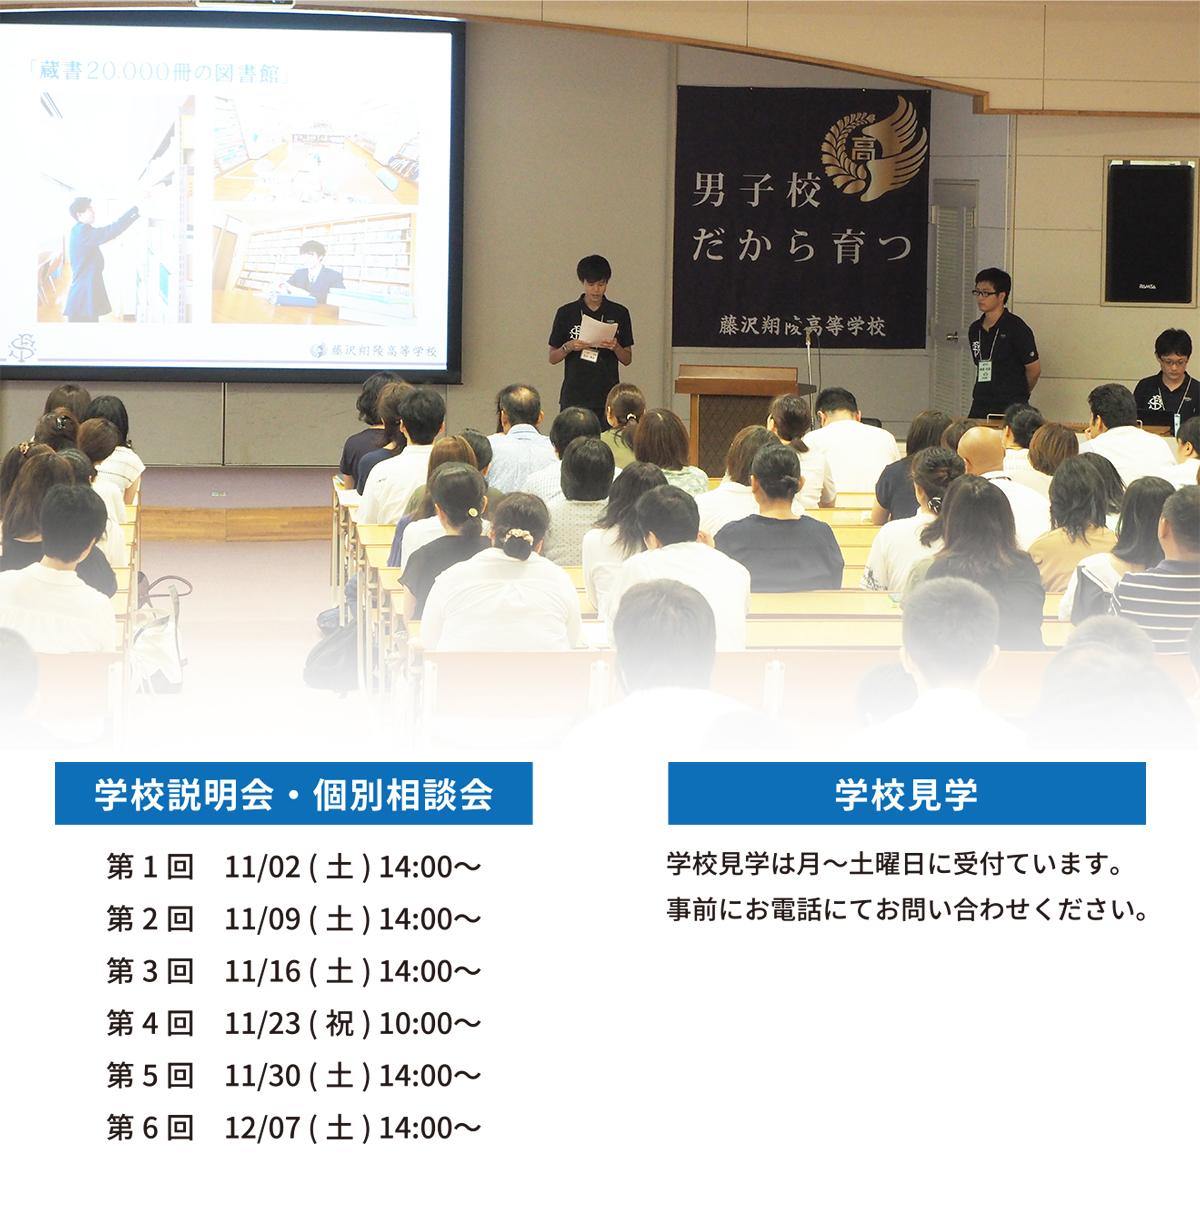 2019年度 学校説明会・個別相談会 〜文理コース・商業科〜